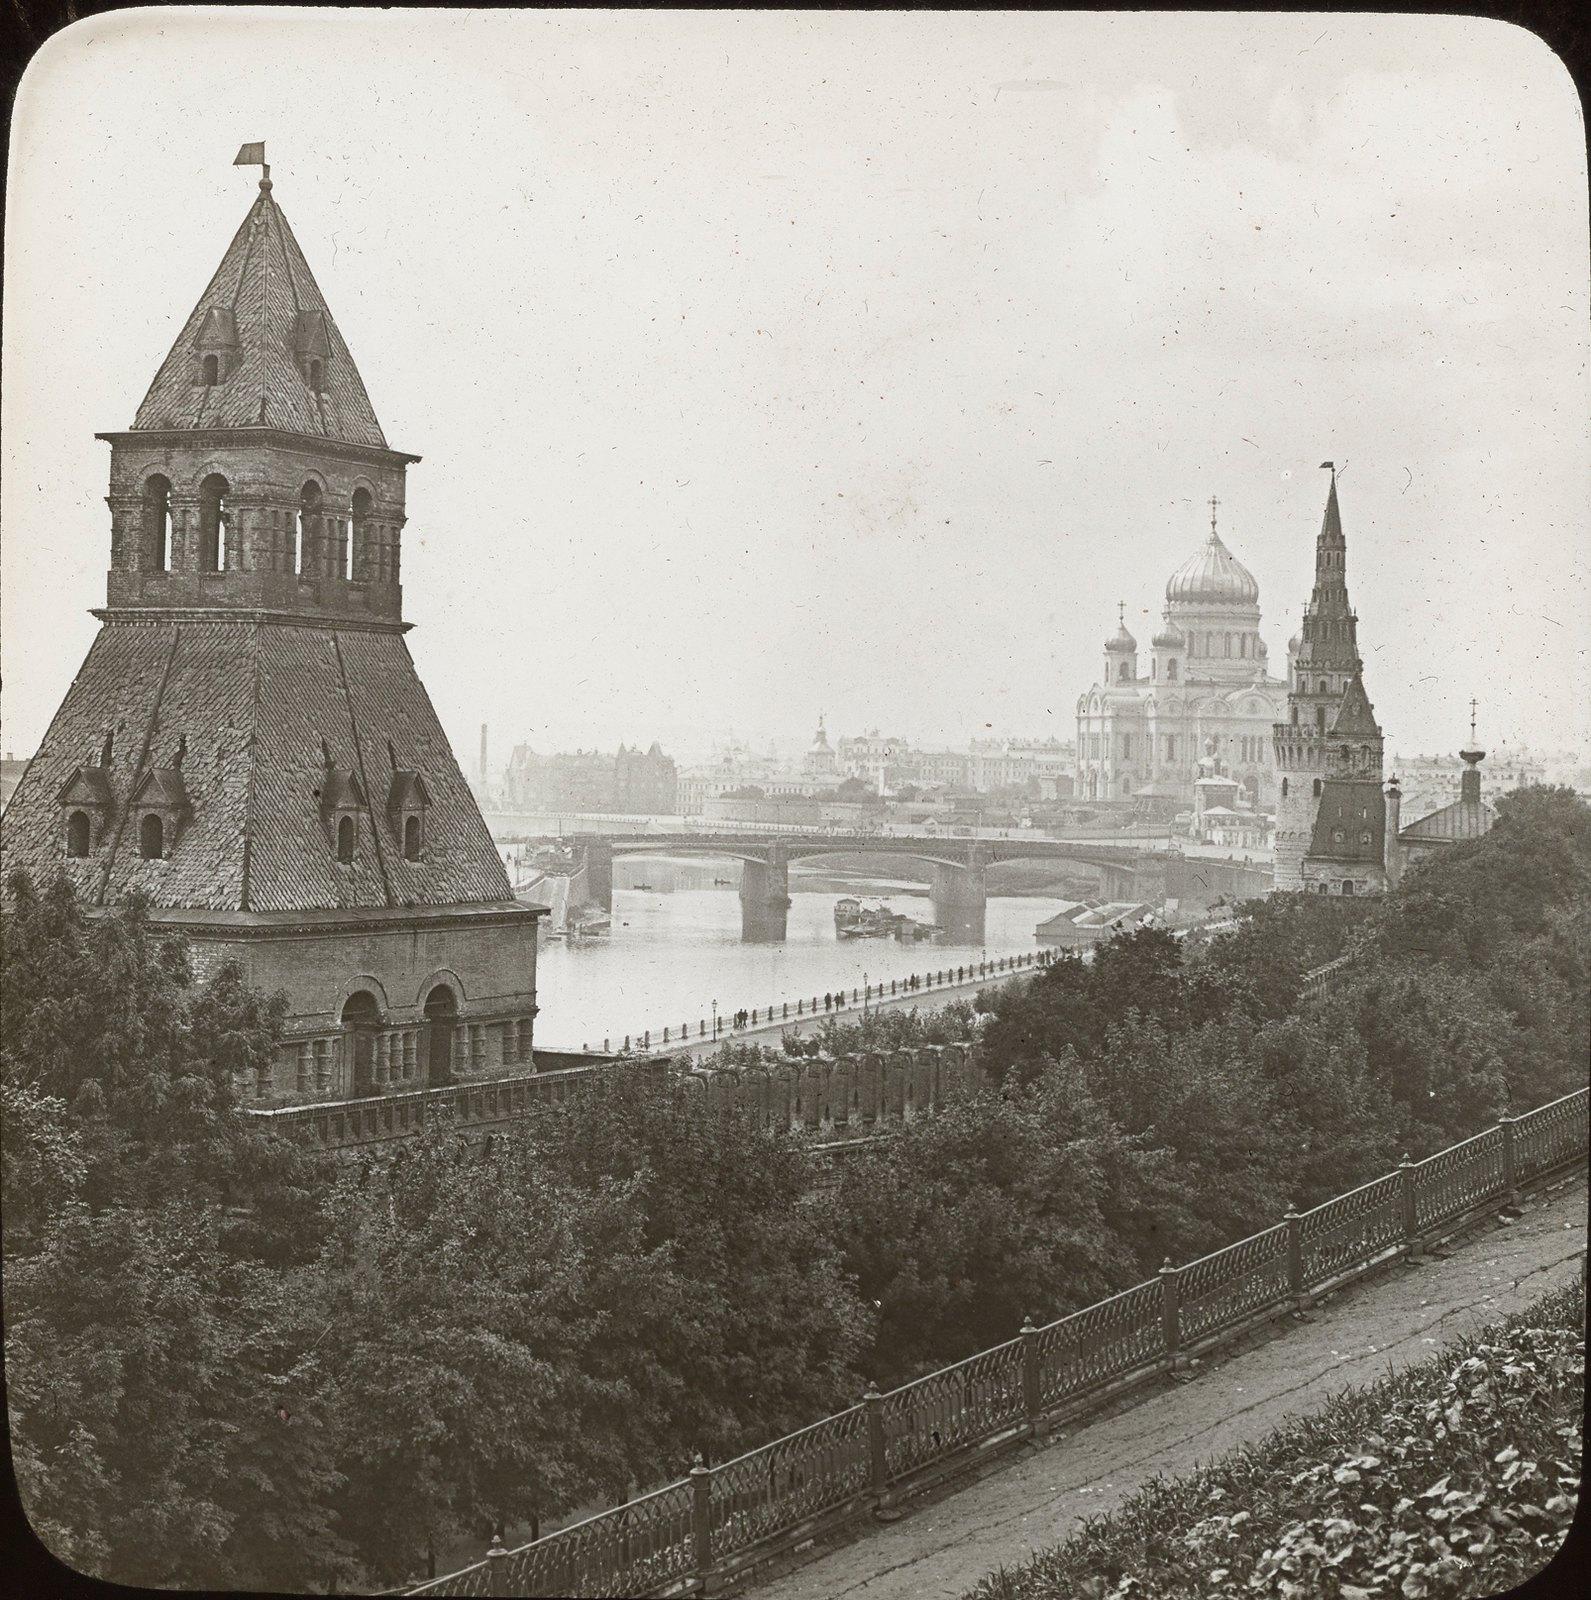 Москва. Башни Кремля и Храм Христа Спасителя